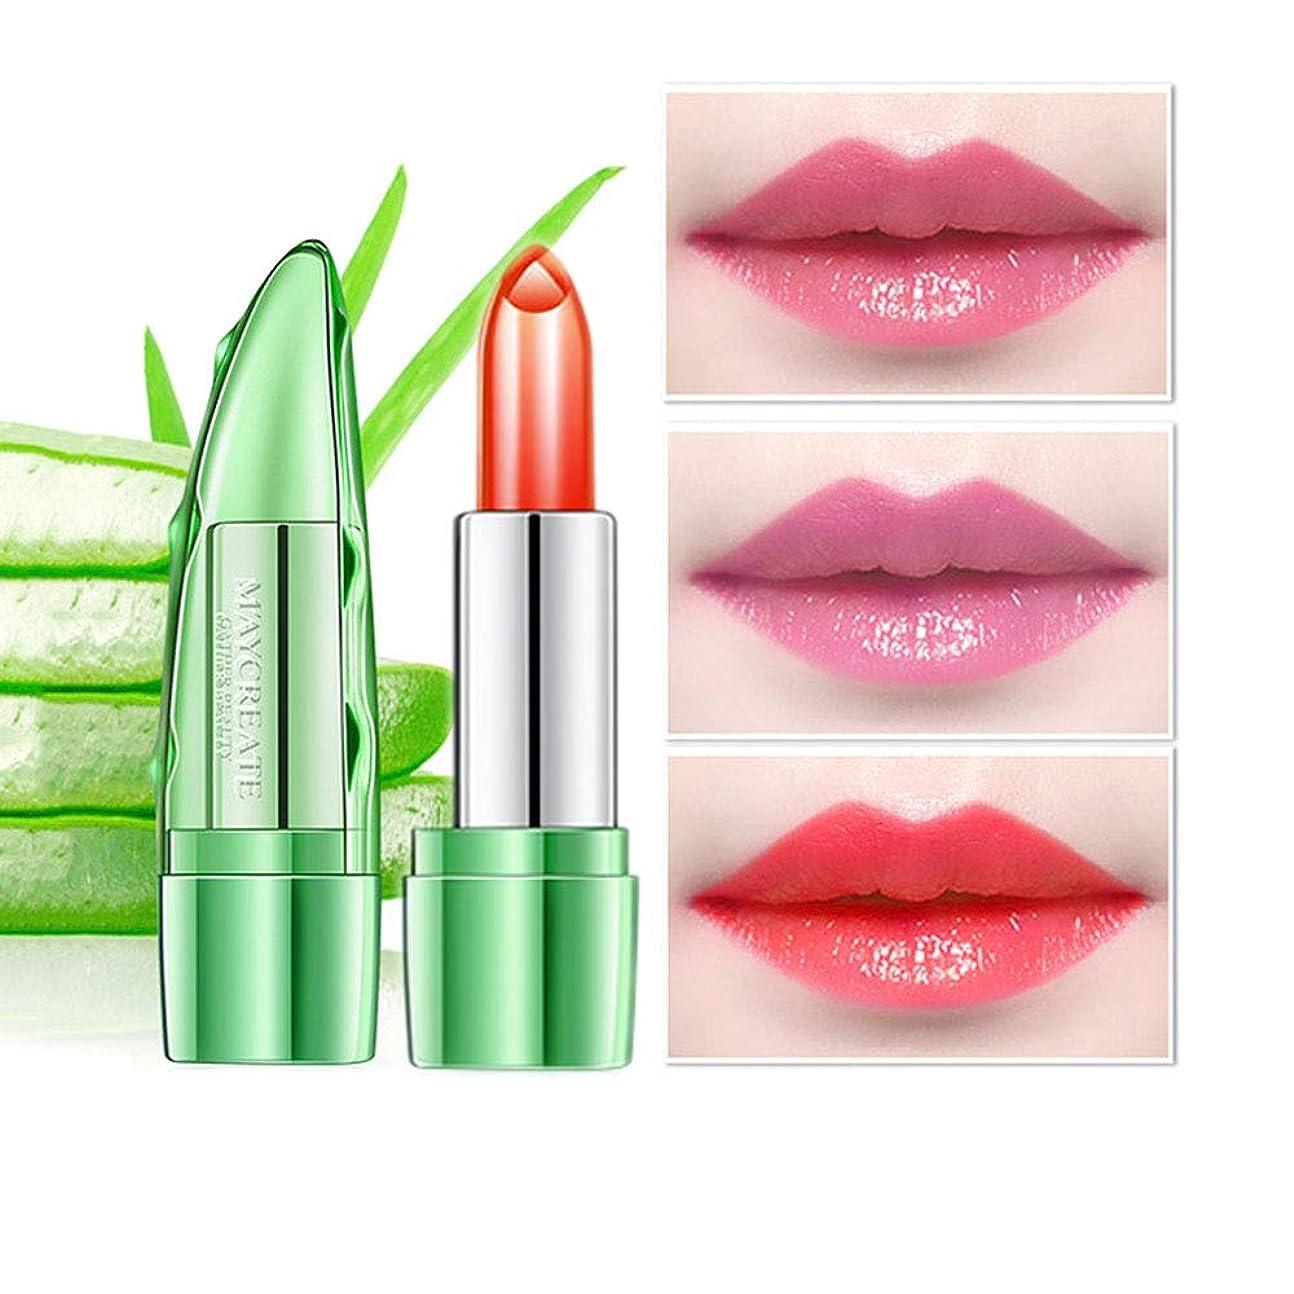 ピーブ癌ポット1ピースアロエゼリーカラー変更温度口紅、長続きがする保湿唇ケア変色口紅リップペンシルリップグロス (3)